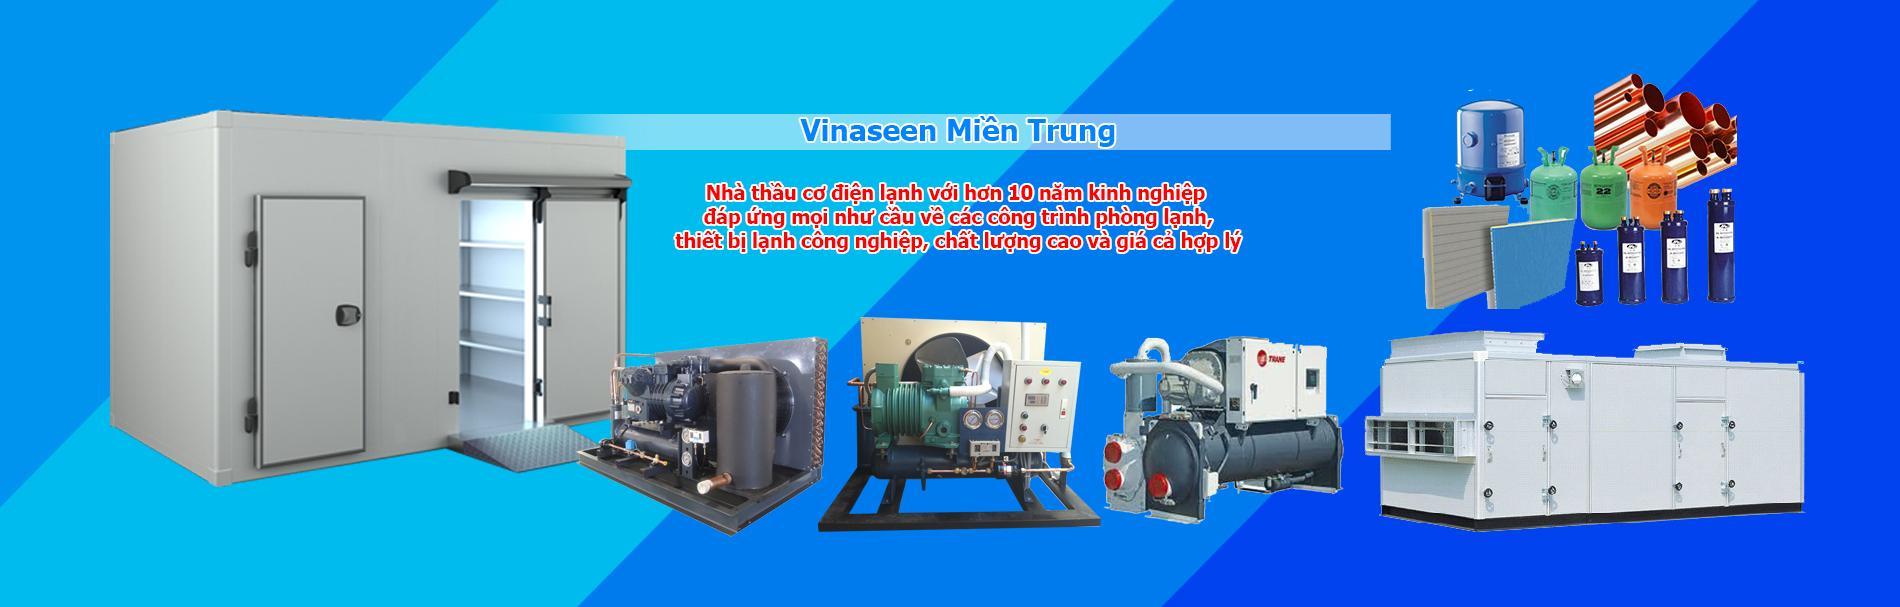 Vật tư thiết bị điện lạnh công nghiệp